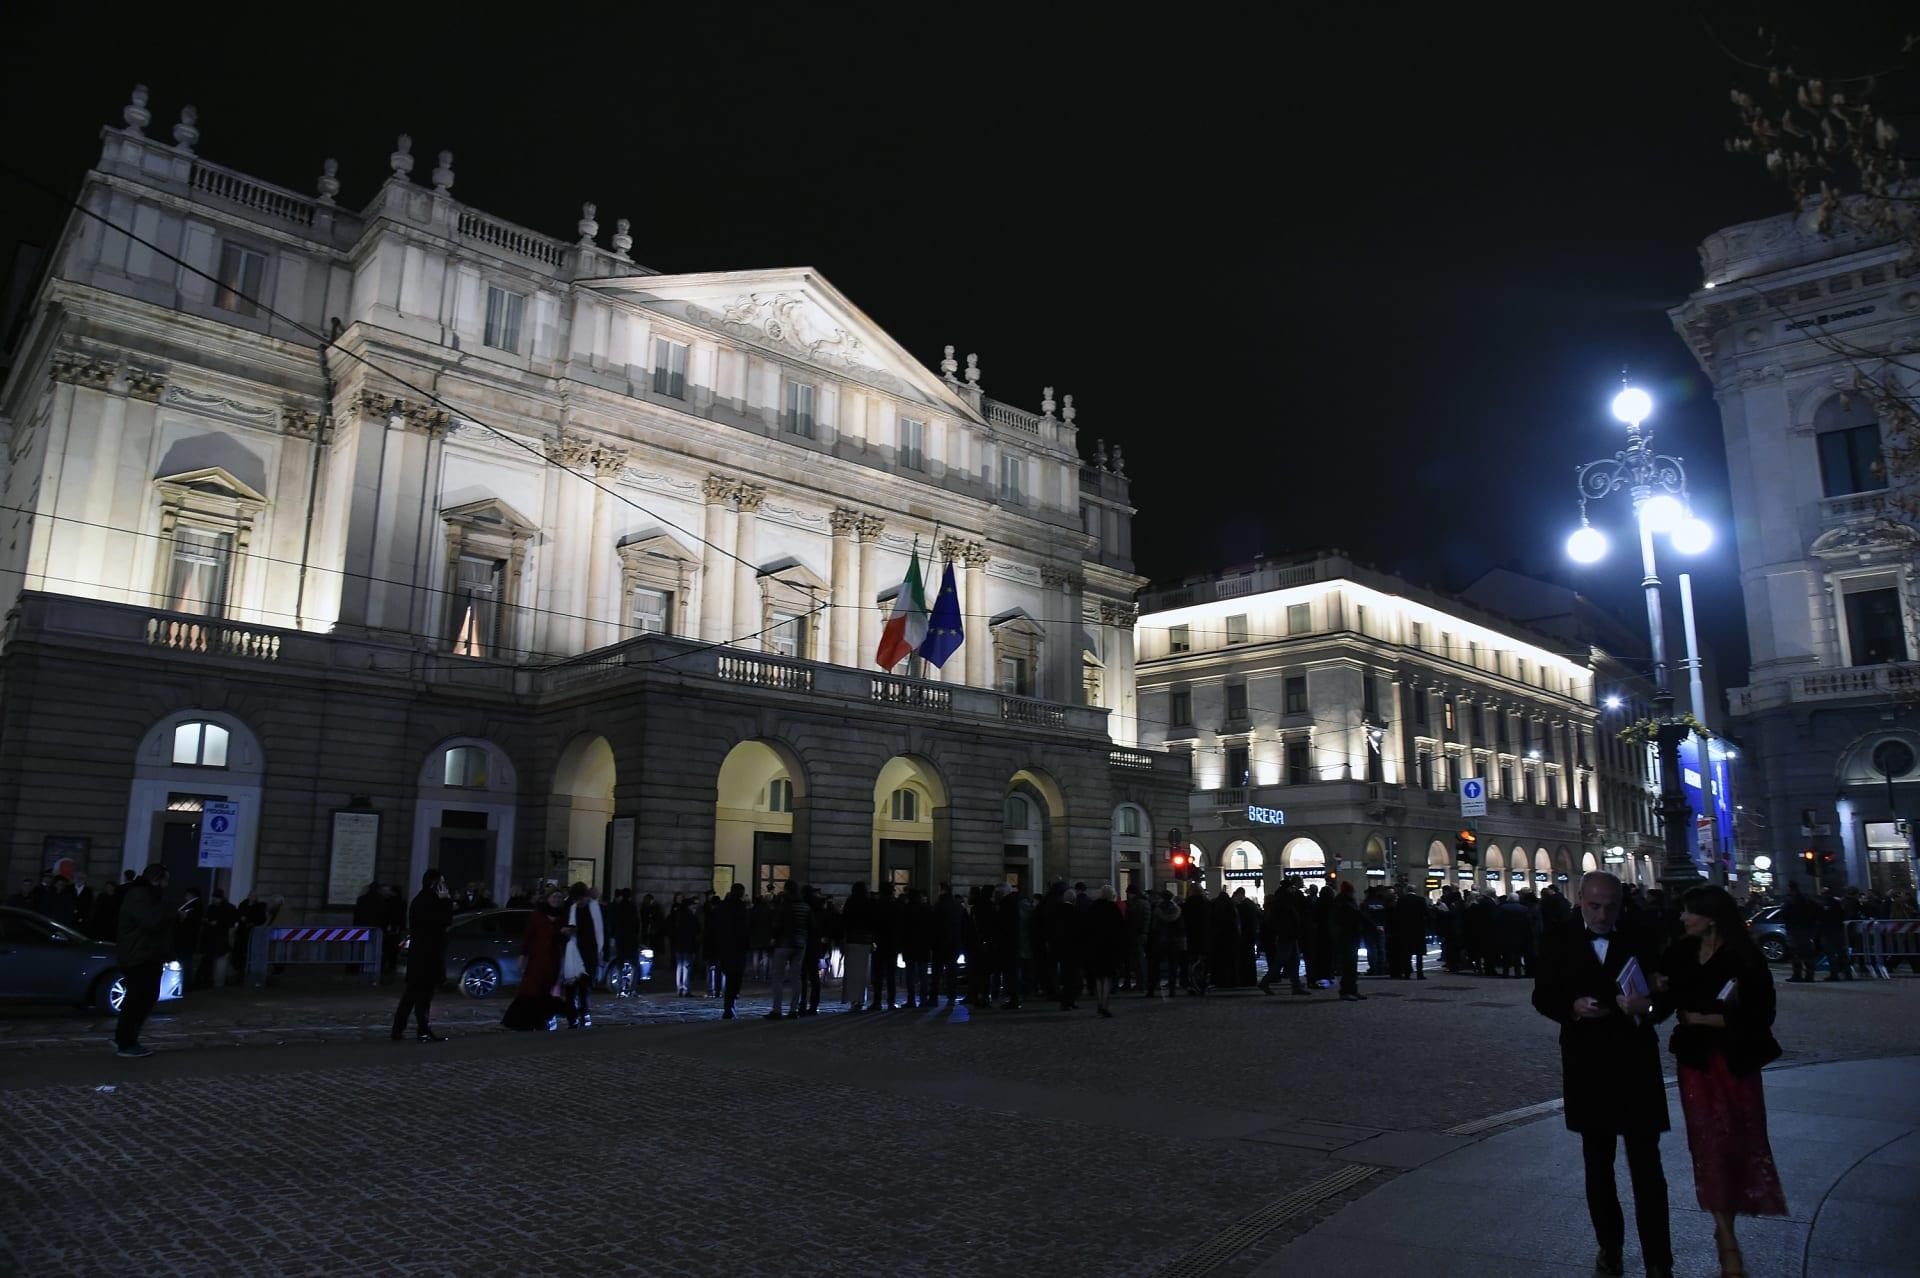 دار أوبرا إيطالية تعيد مبلغا تبرعت به السعودية لضم وزير الثقافة إلى مجلس إدارتها